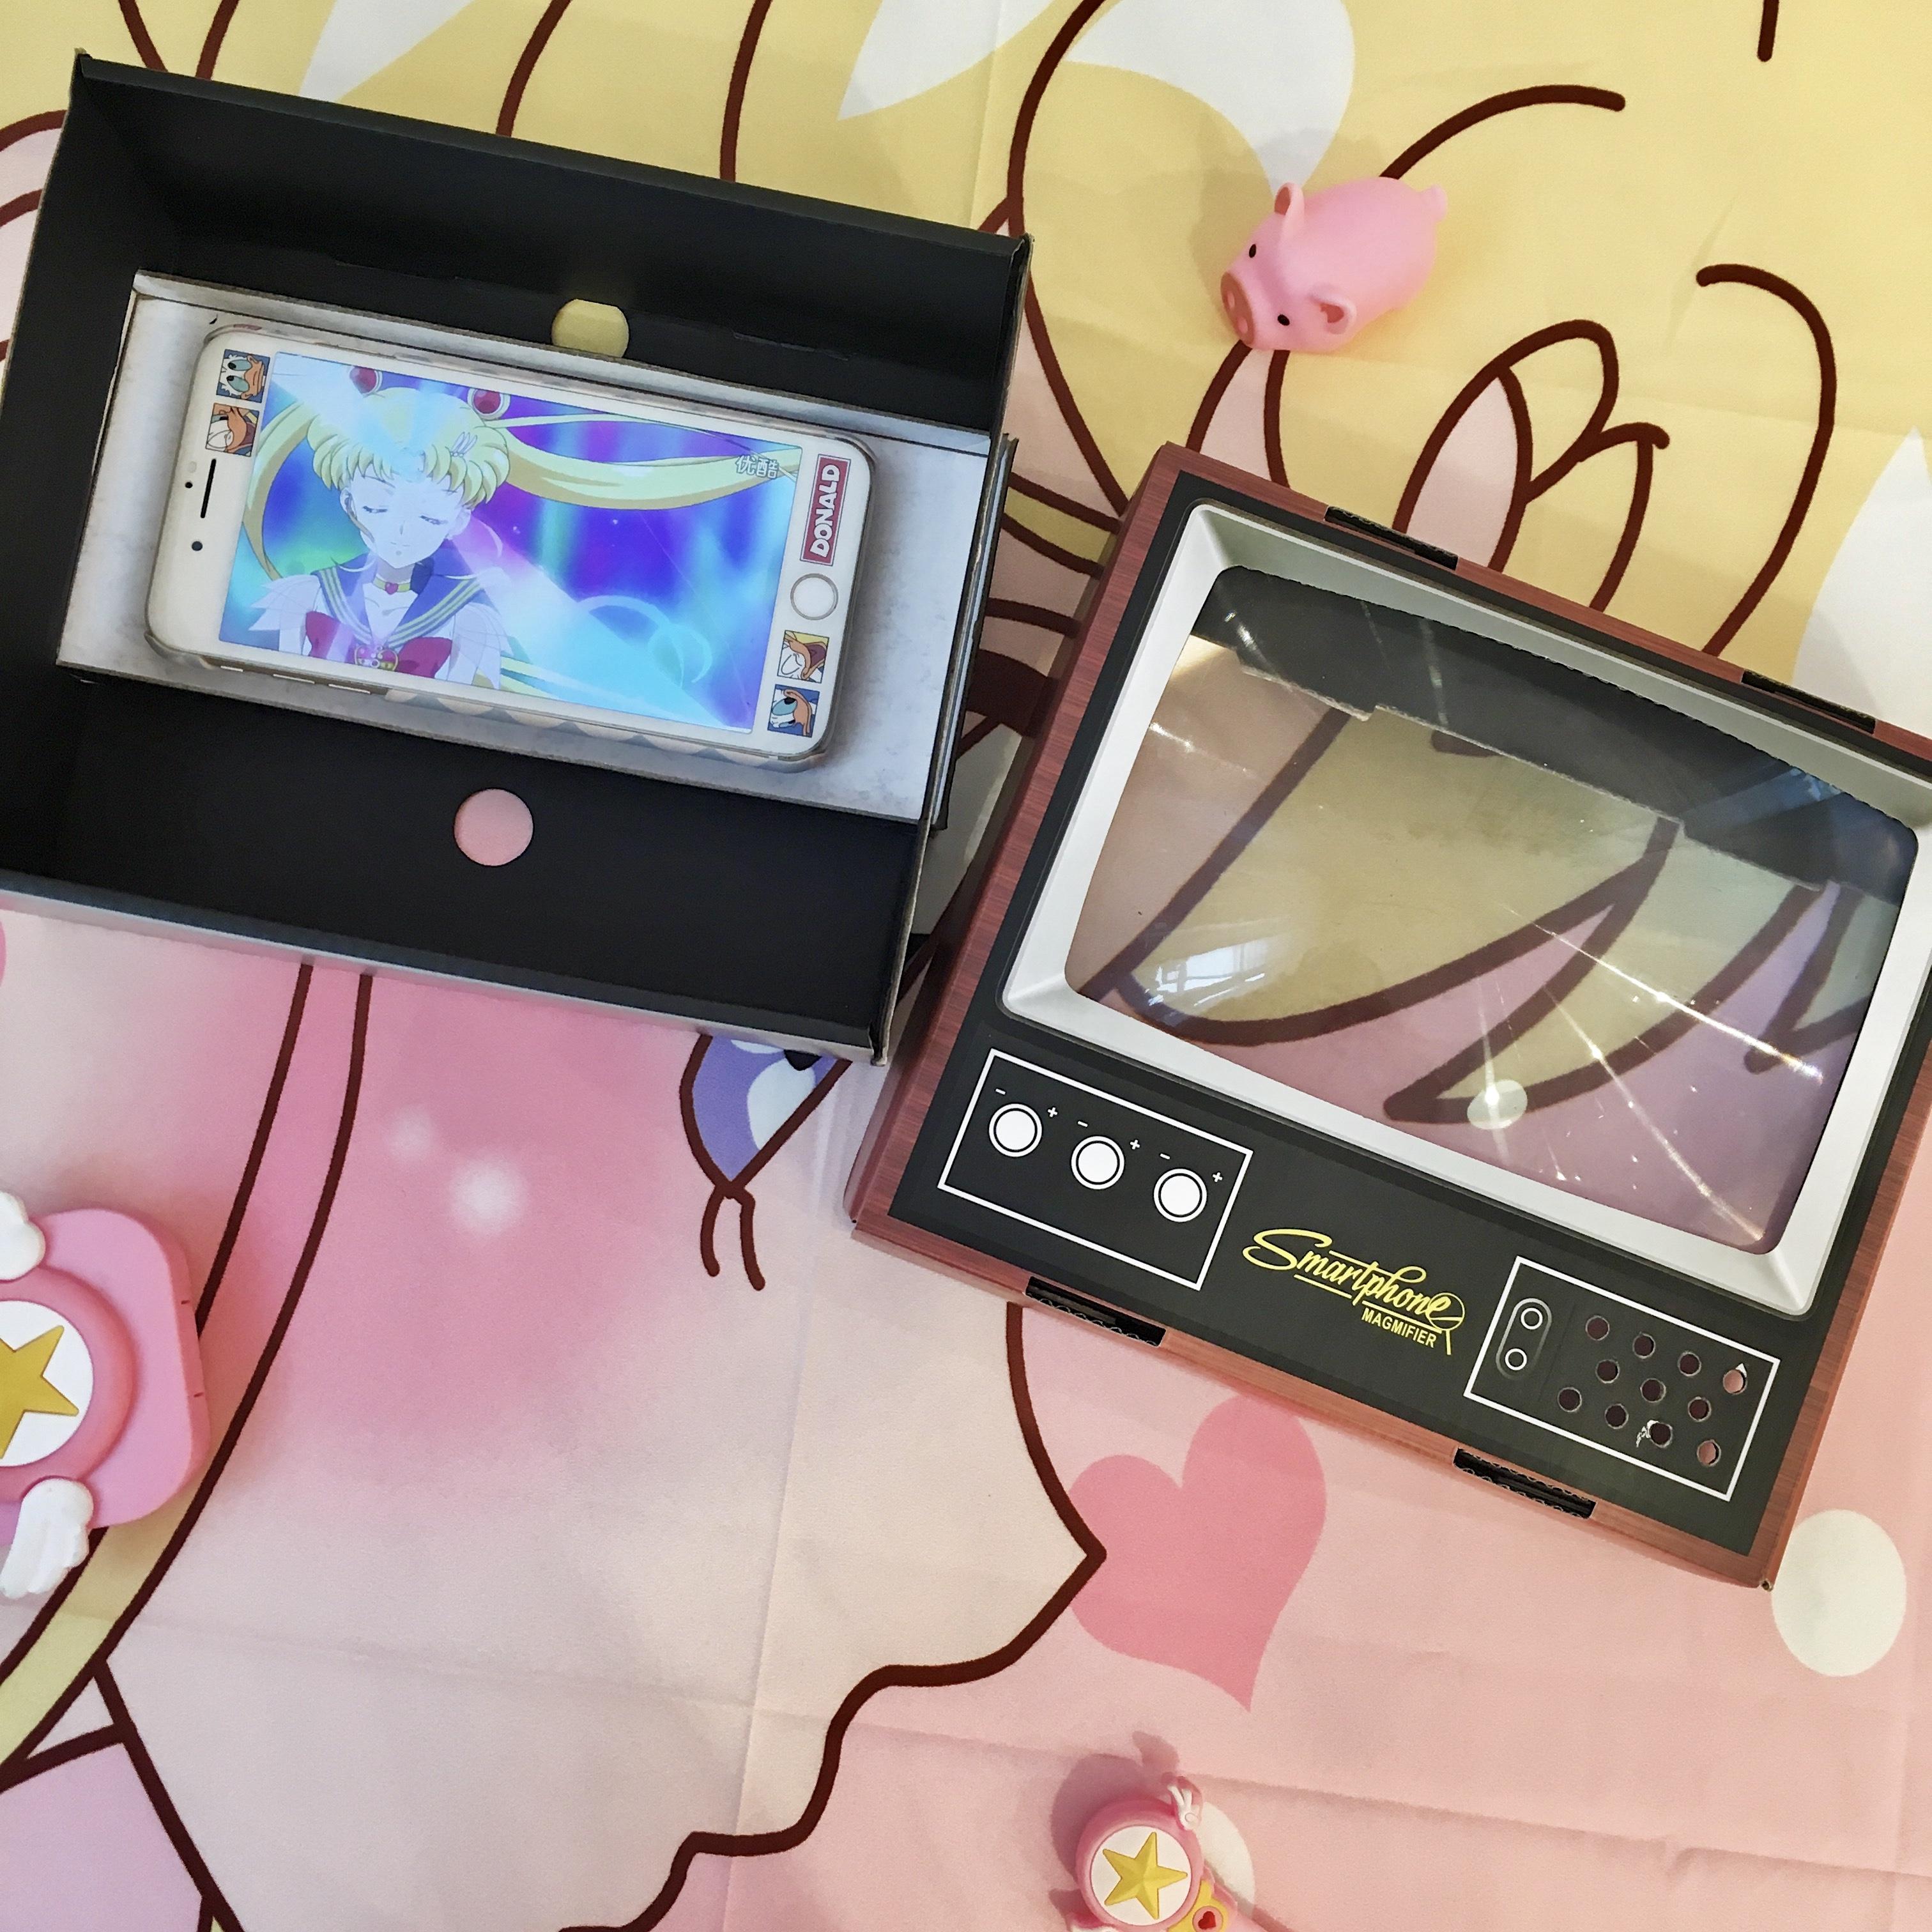 少女心放映室 复古纸质电视机手机屏幕放大器 DIY手工玩具摆件